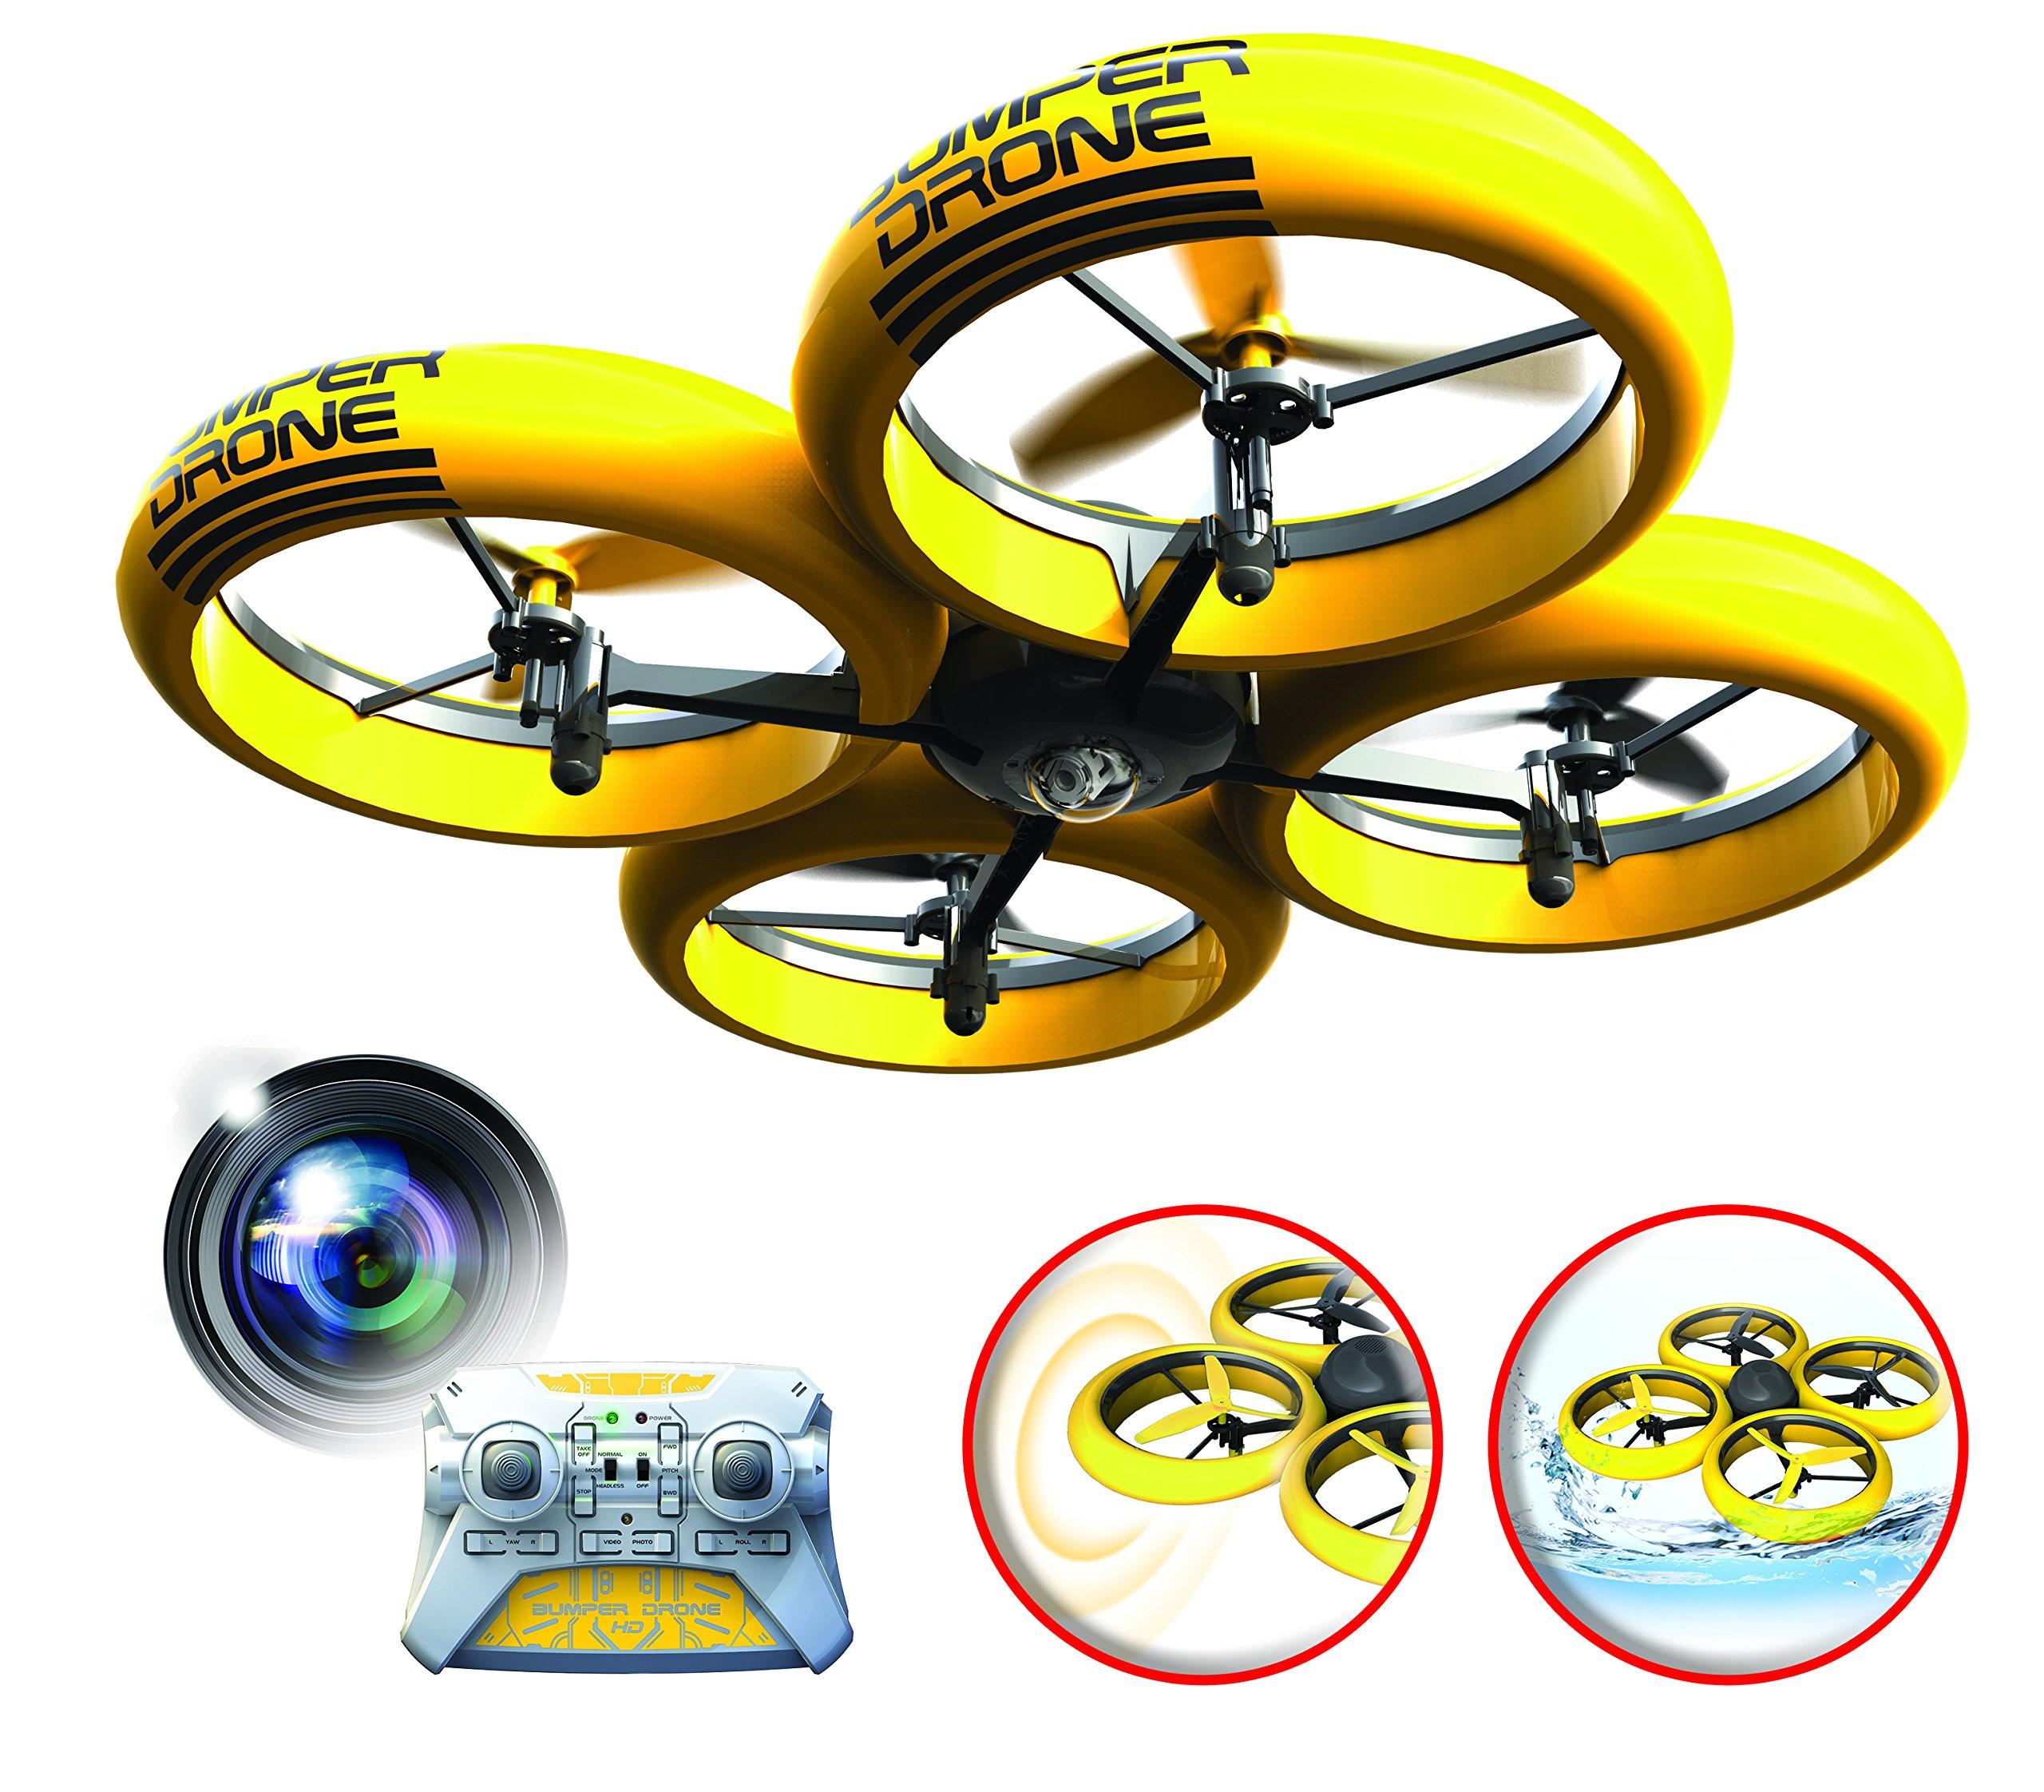 SilverLit-Bumper-Drone-Incassable-avec-camra-HD-Couleur-Jaune